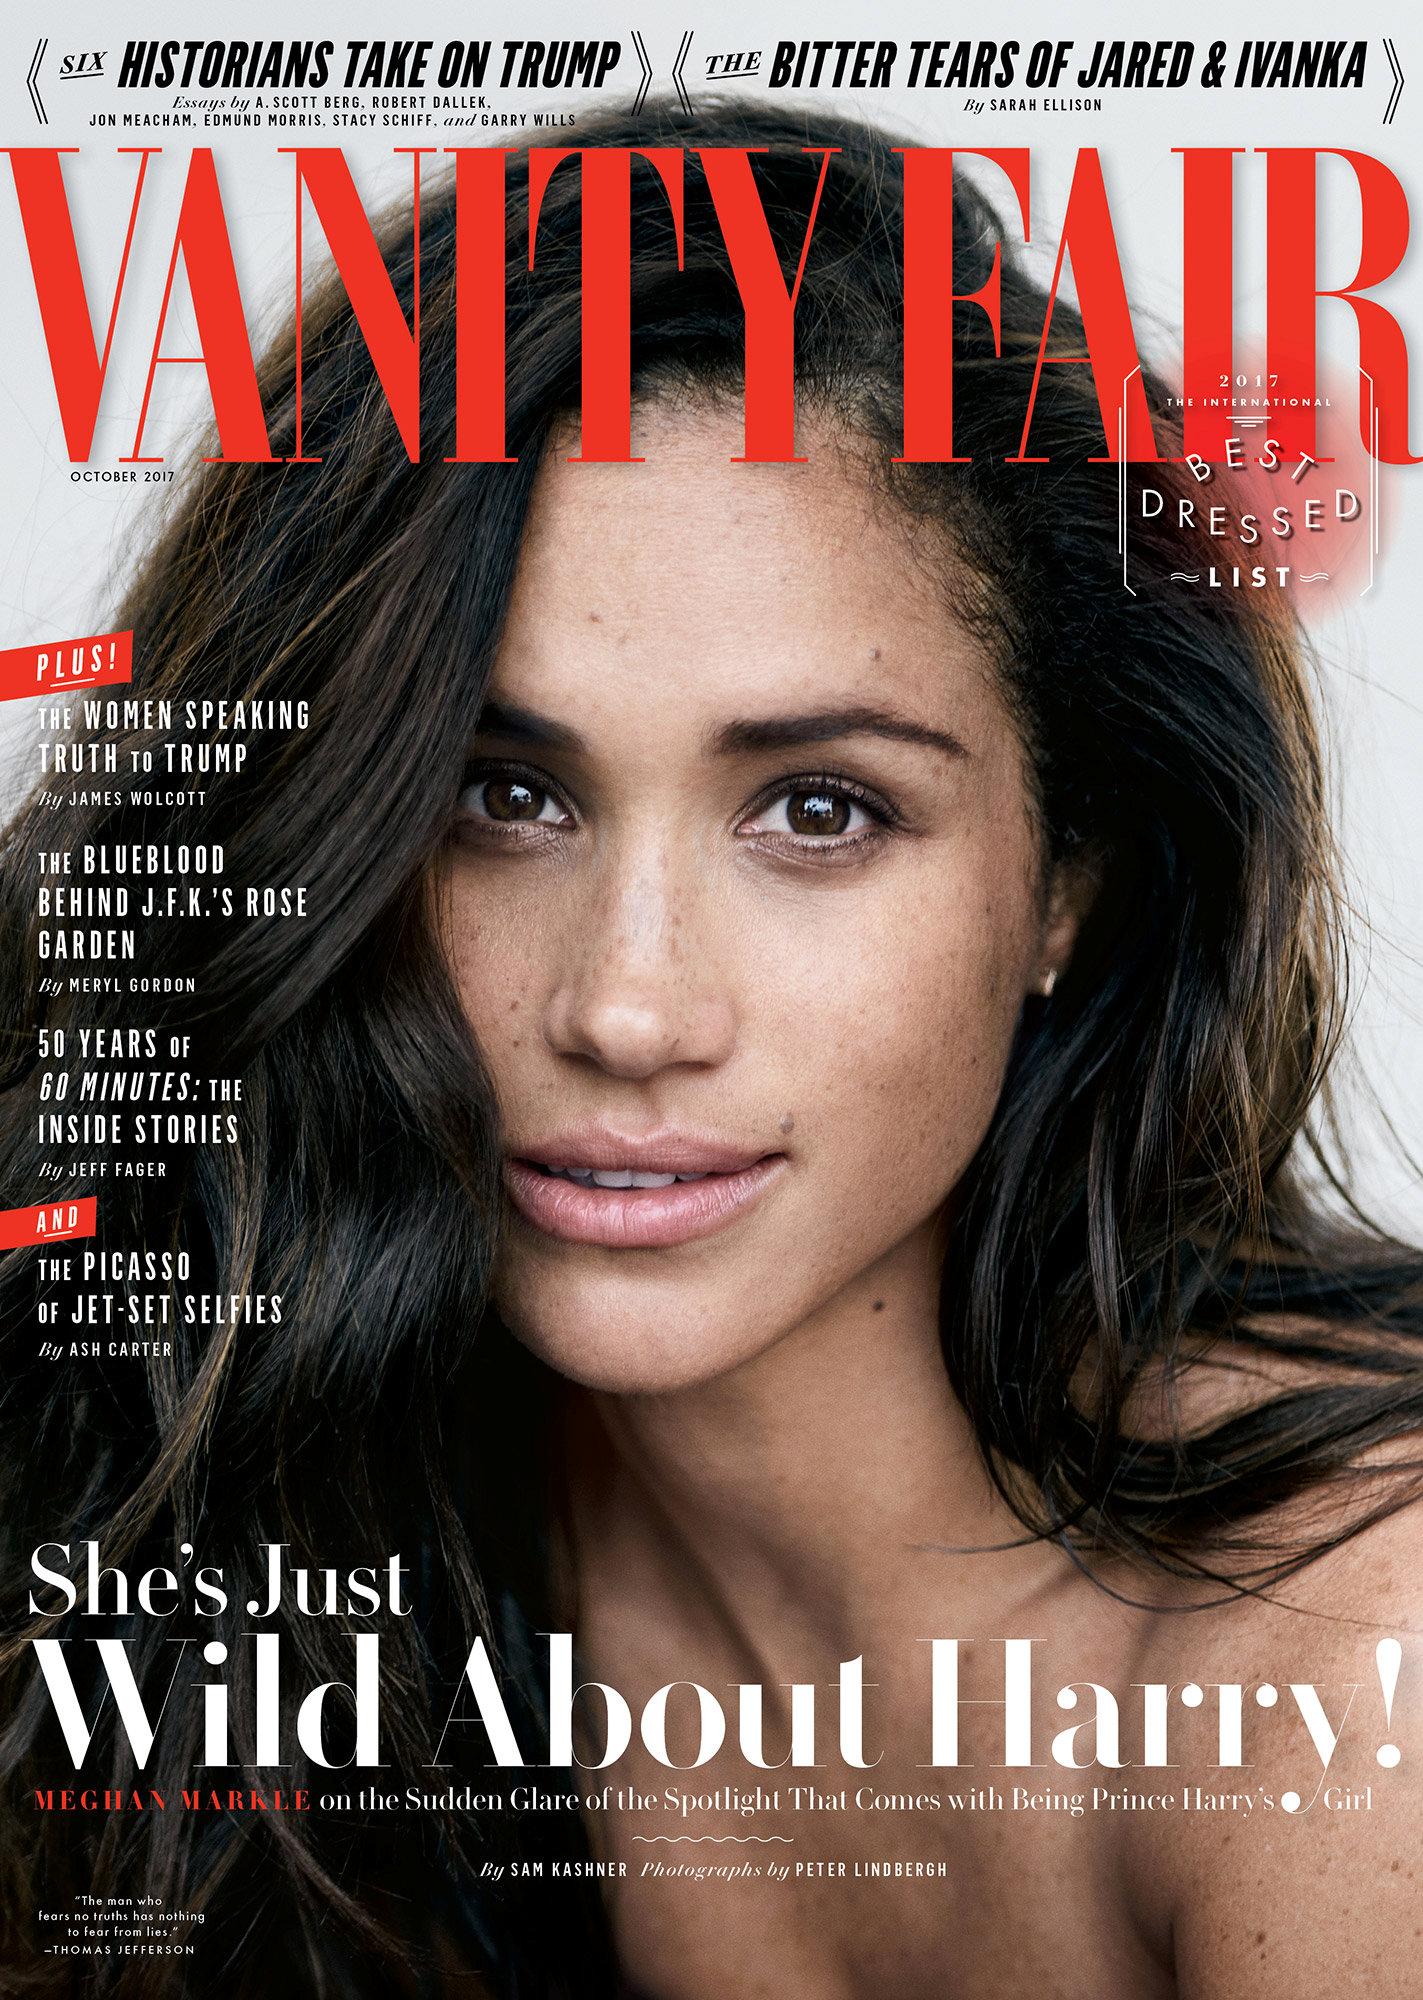 Обложка Vanity Fair, октябрь 2017